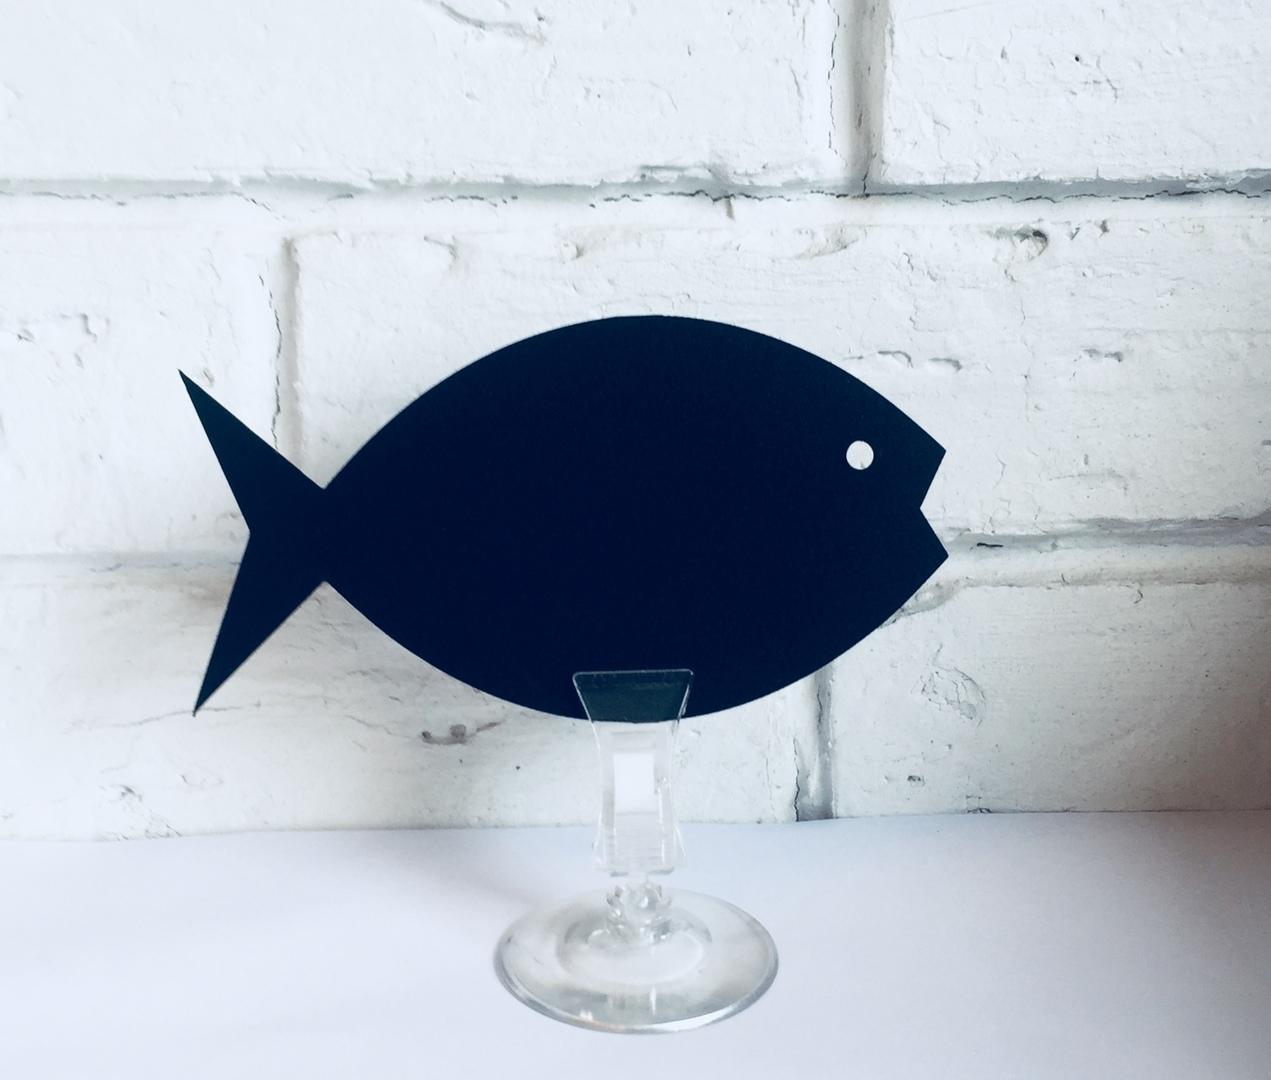 Меловой ценник в форме Рыбы.jpg